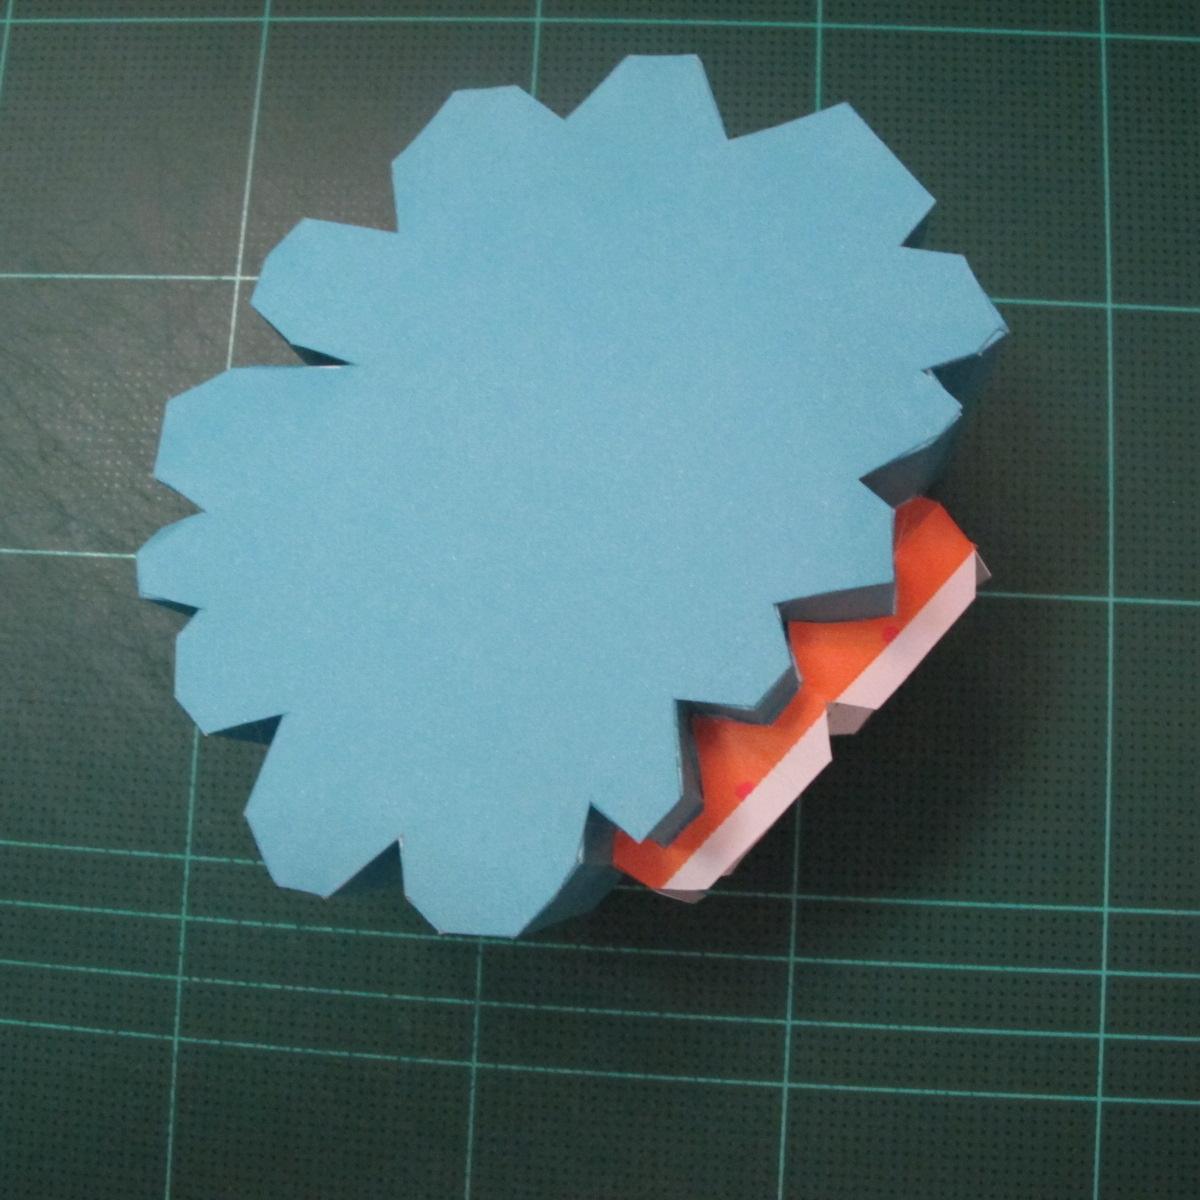 วิธีทำโมเดลกระดาษคุกกี้รัน คุกกี้รสเมฆ (Cookie Run Cloud Cookie  Papercraft Model) 002